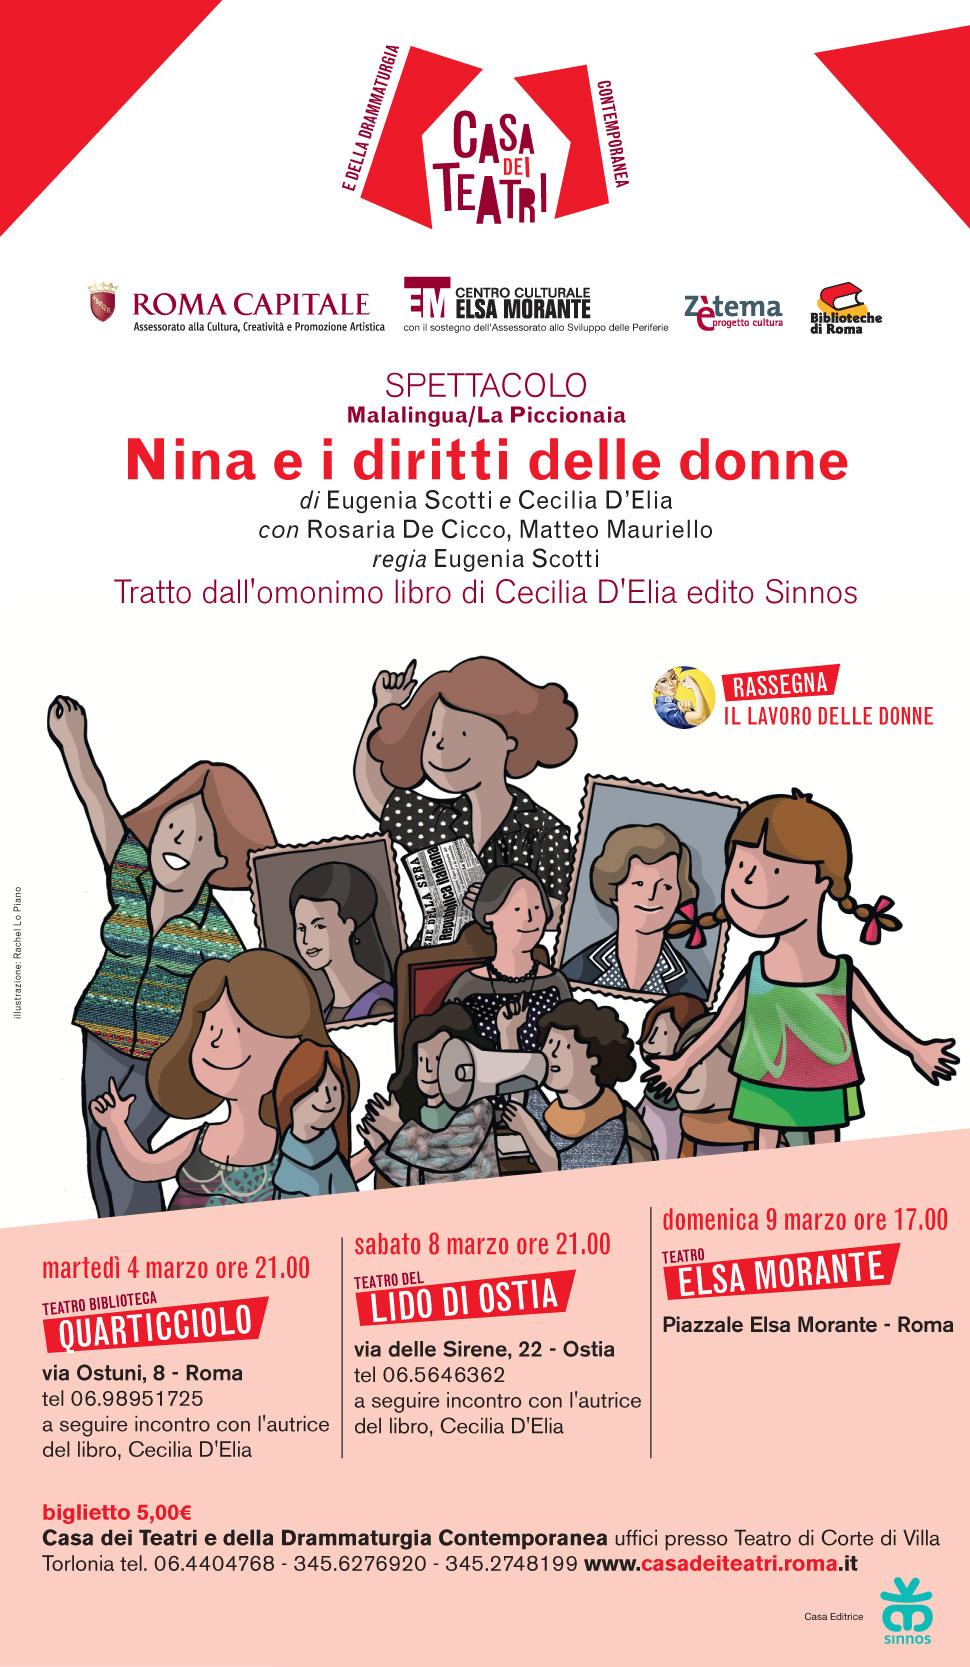 Nina e i diritti delle donne a teatro!